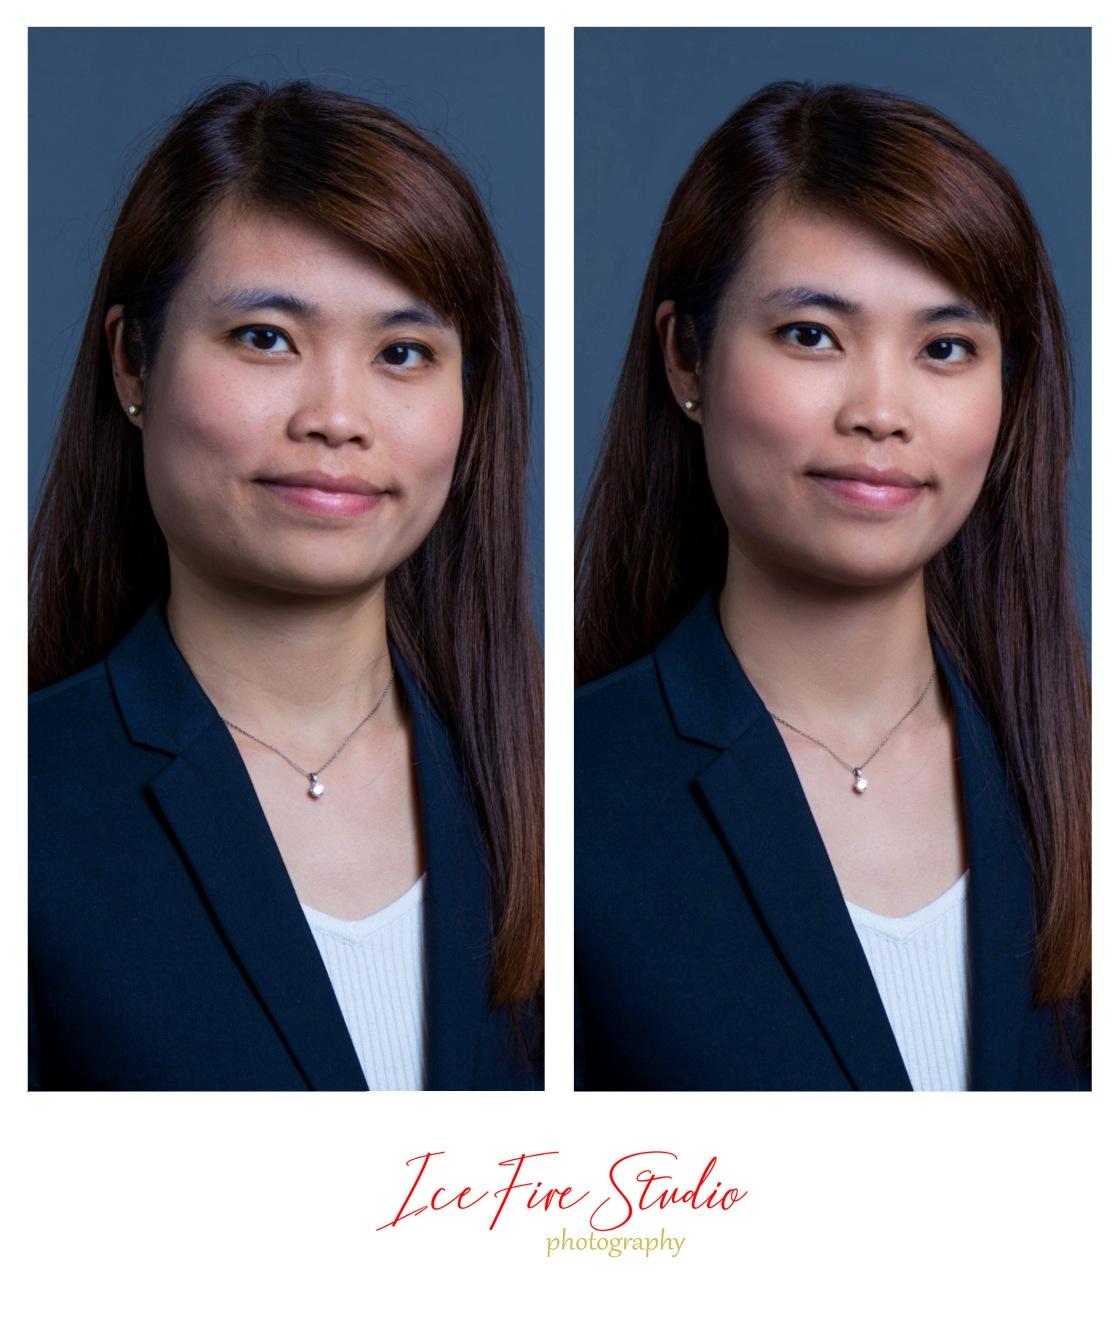 專業形象照 Headshot corproate photo hk ice fire studio